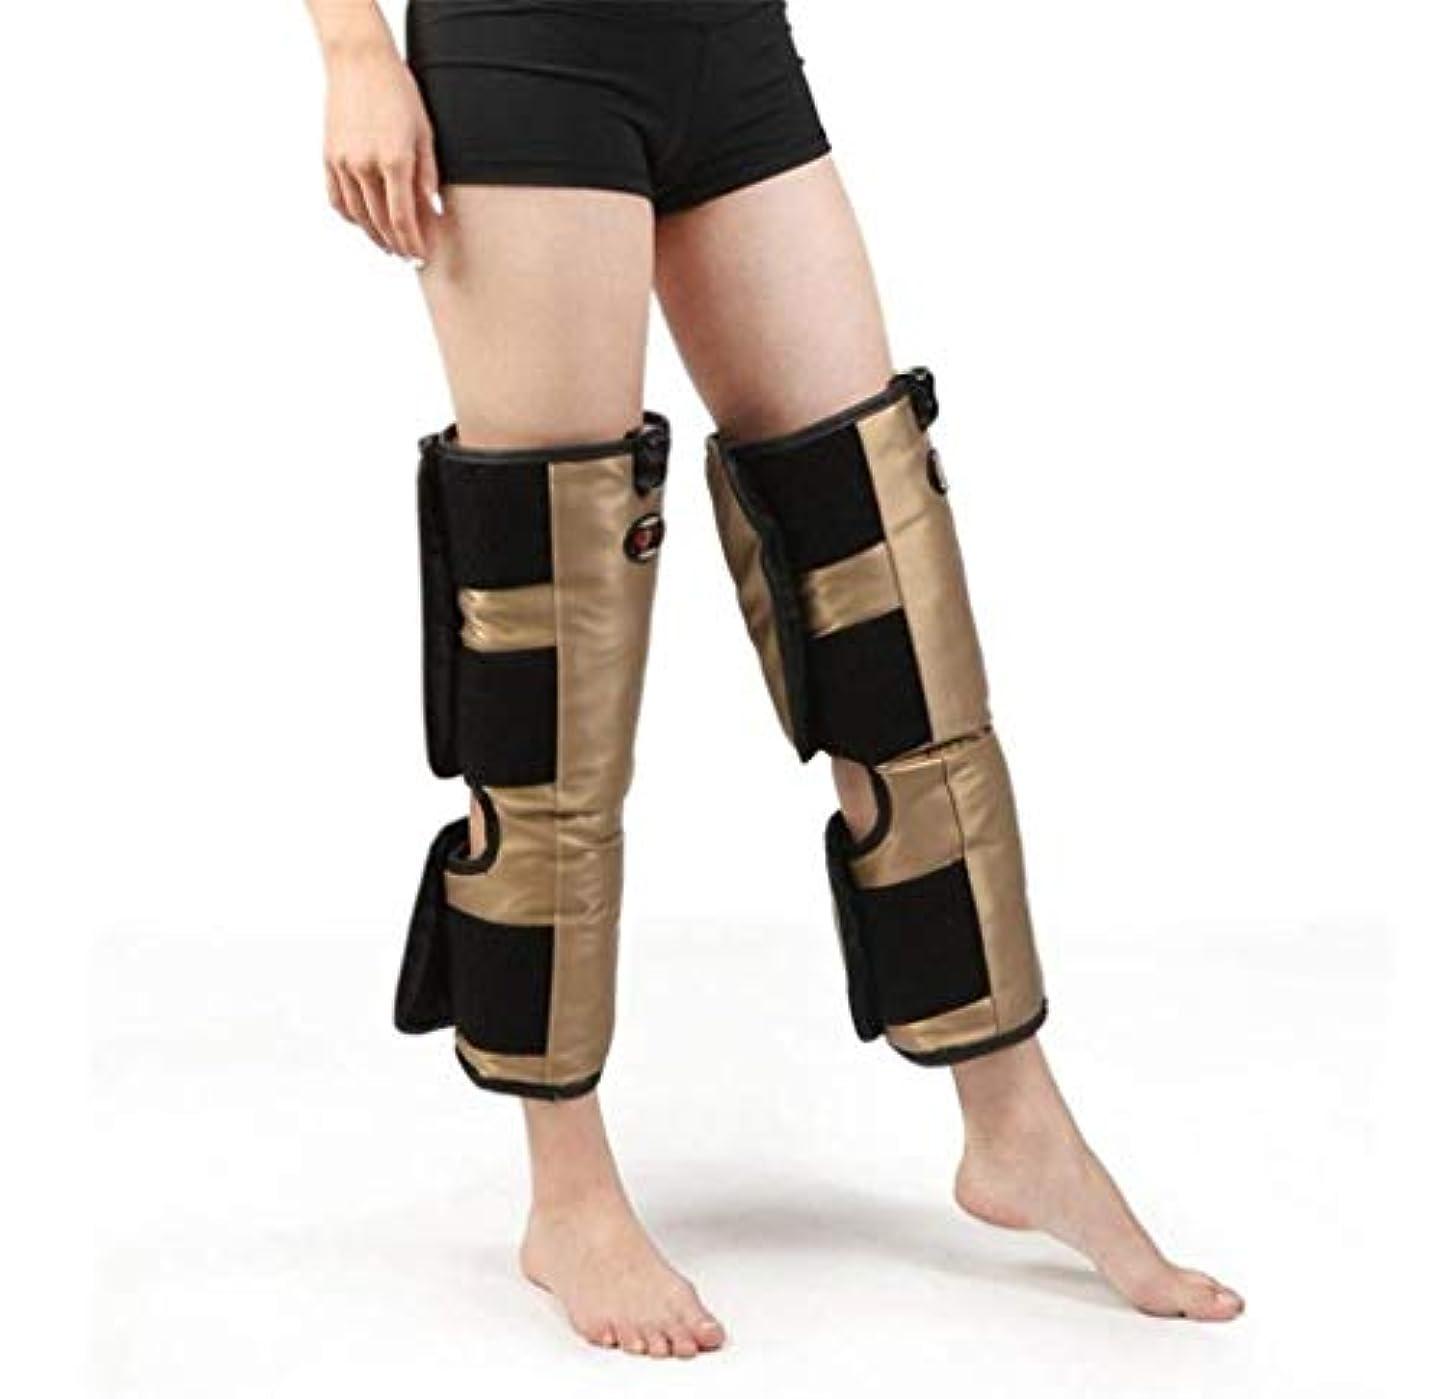 宮殿現像悲惨脚マッサージャー、電気膝ブレース、oxiホット圧縮振動マッサージ療法、多機能電気加熱膝理学療法機器